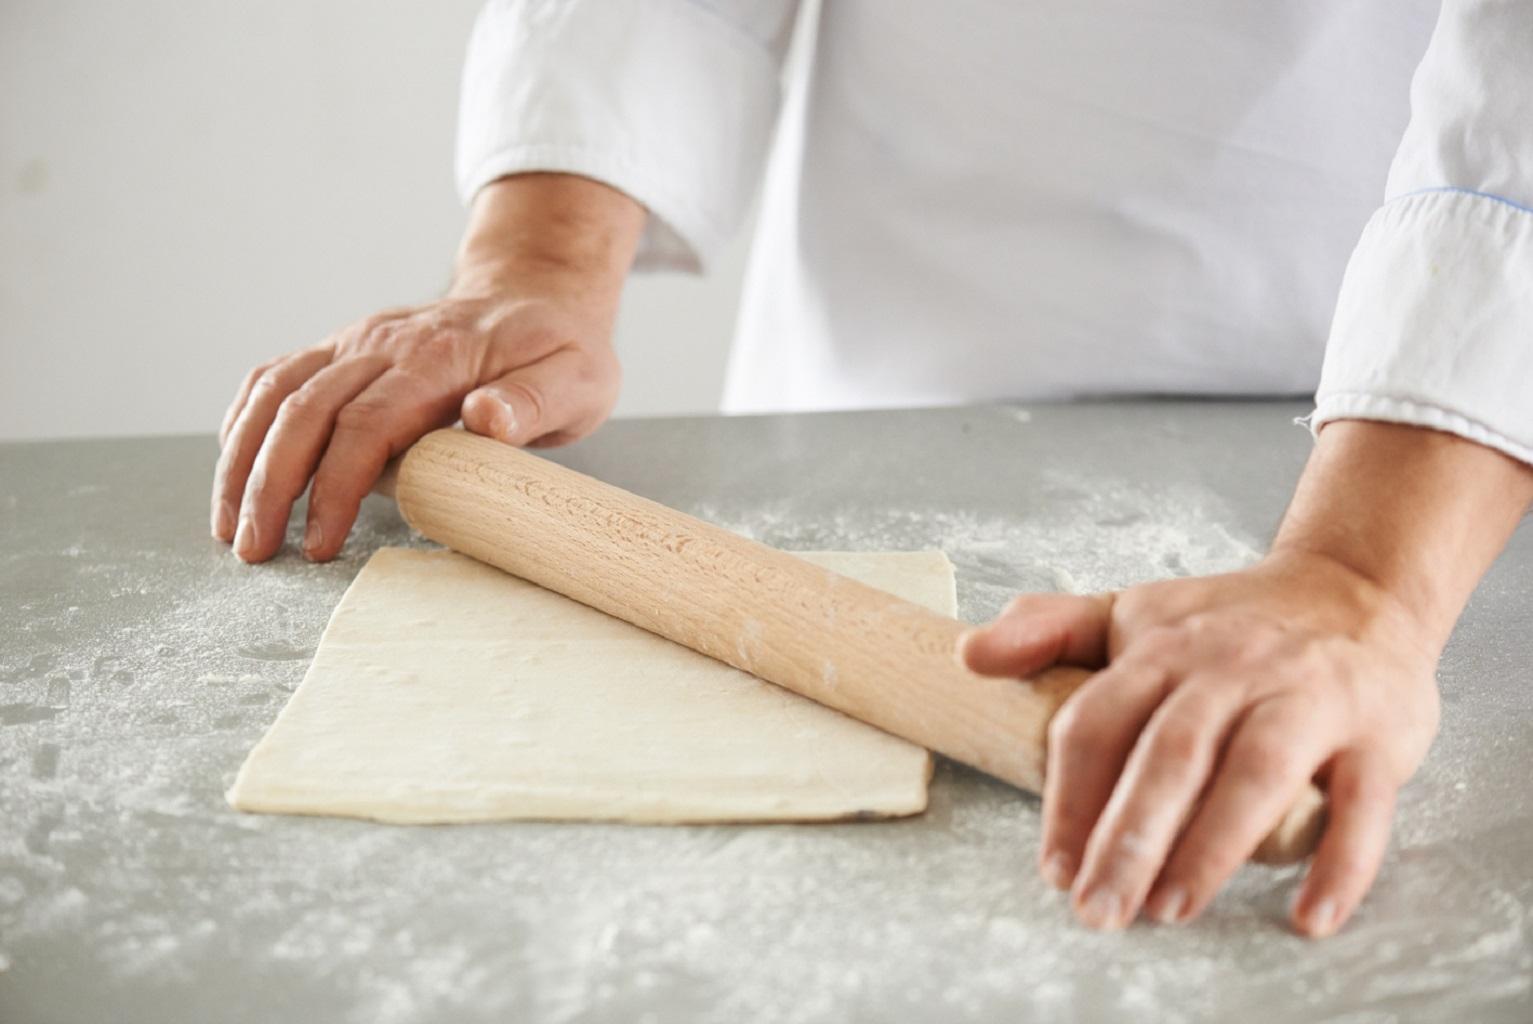 Раскатывать тесто для круассанов